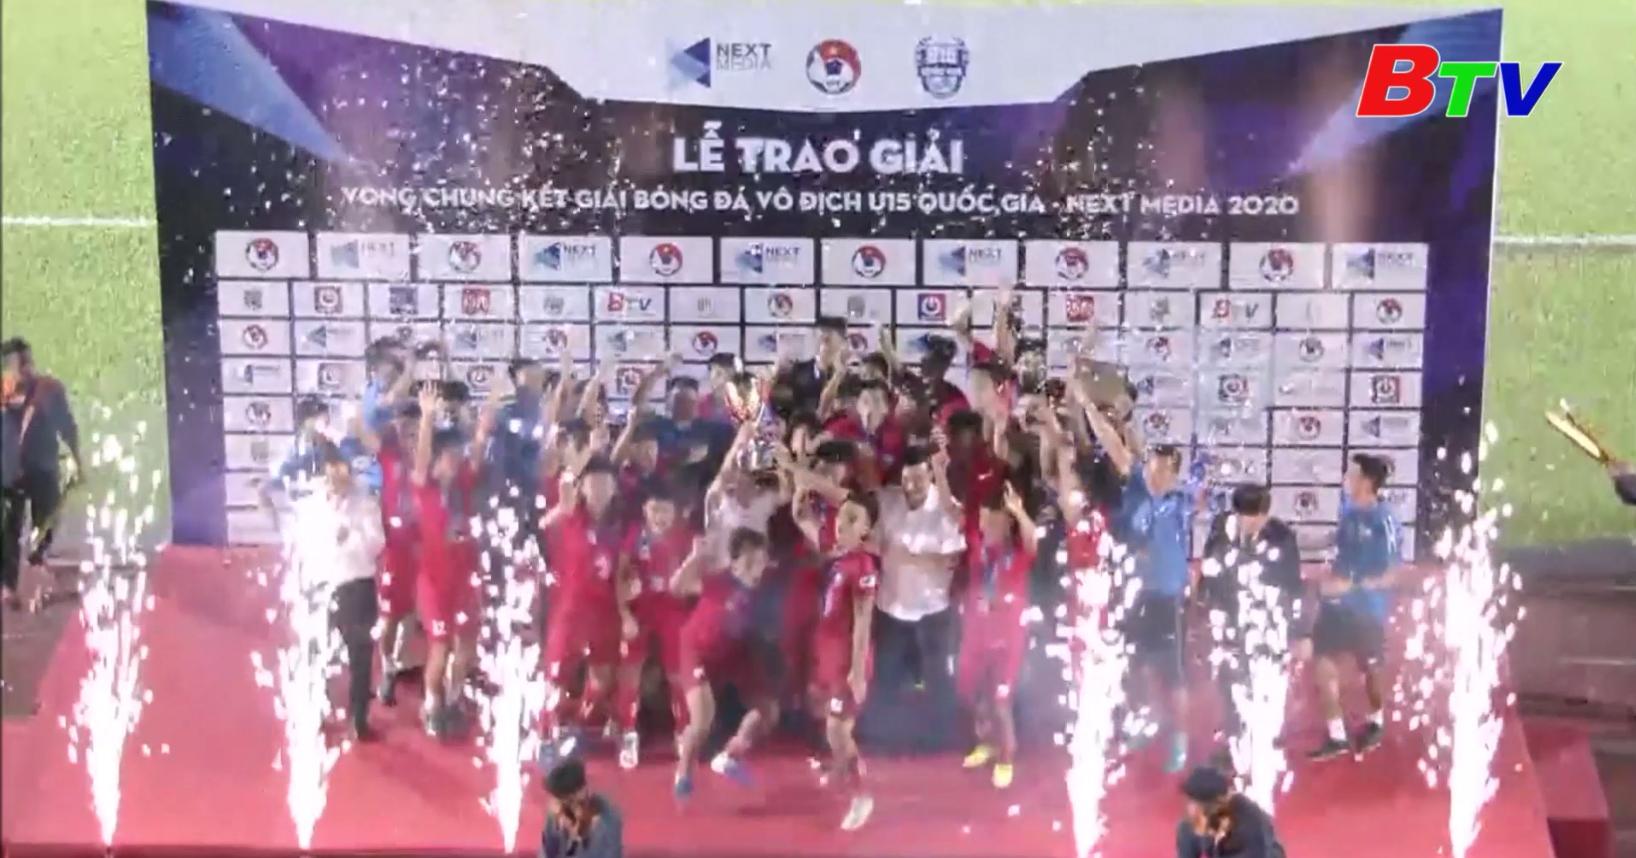 U15 PVF đăng quang ngôi vô địch Giải bóng đá U15 Quốc gia - Next Media 2020